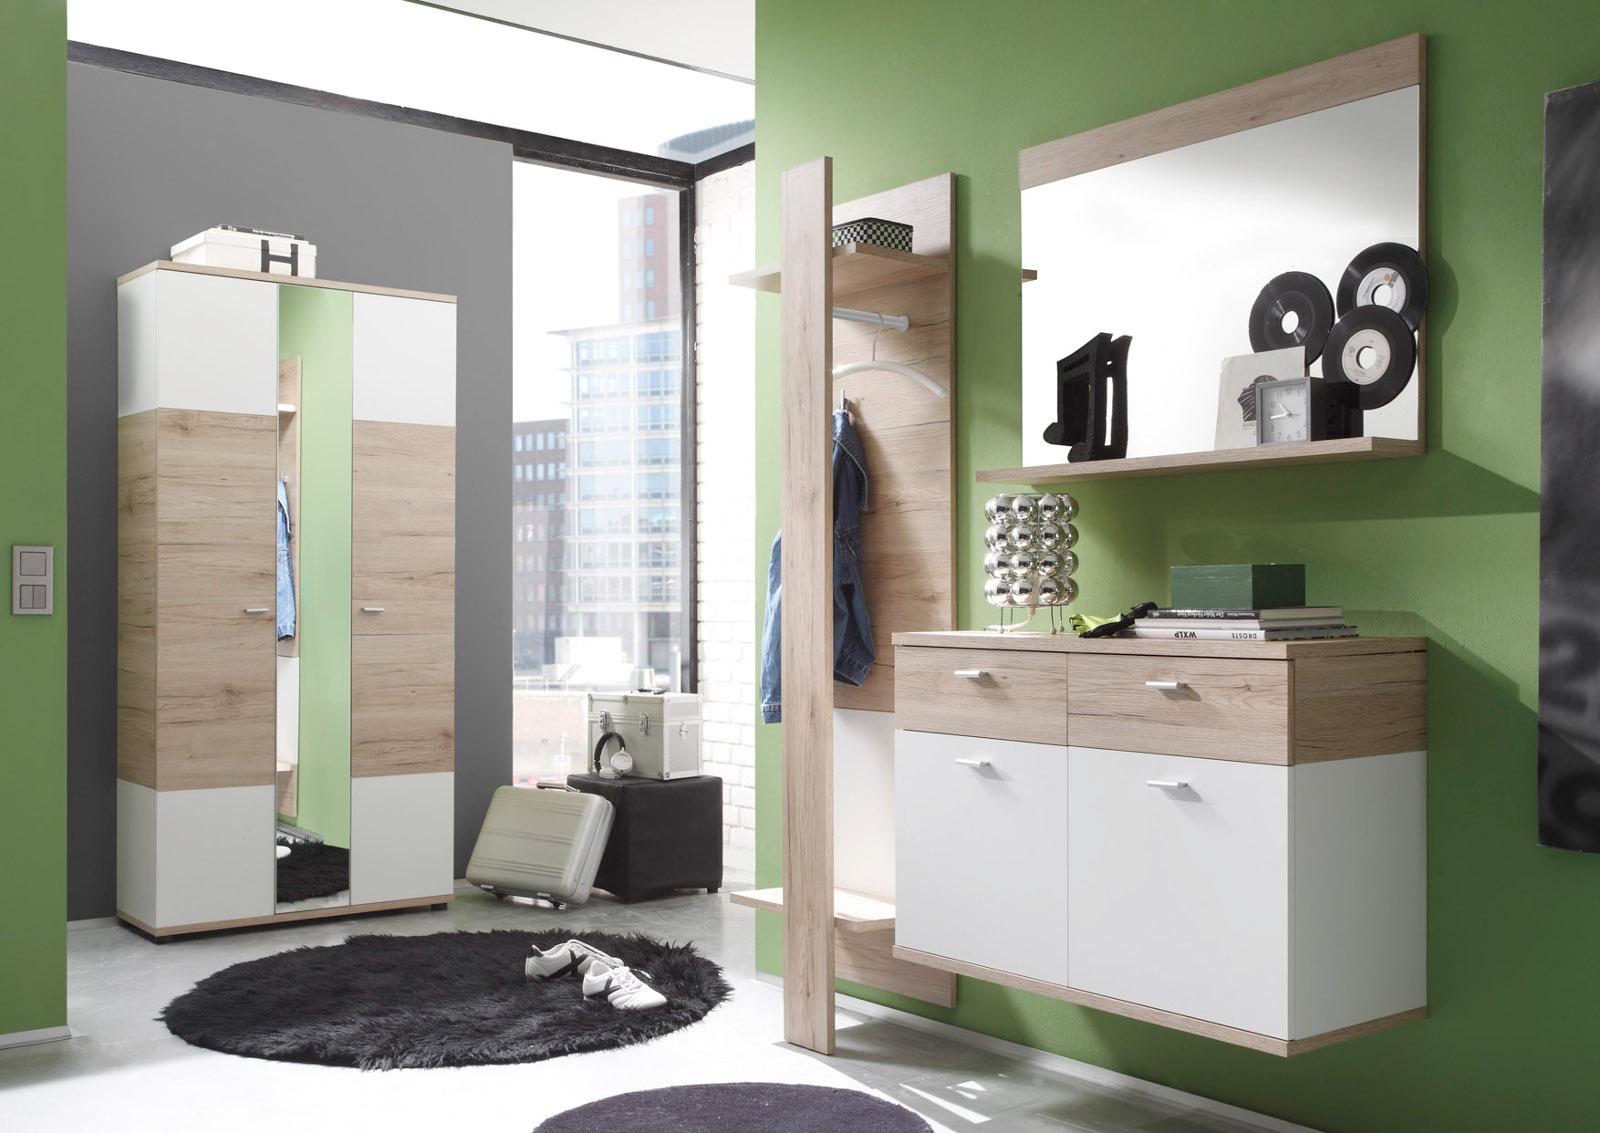 garderobe campus eiche wei g nstig online kaufen. Black Bedroom Furniture Sets. Home Design Ideas